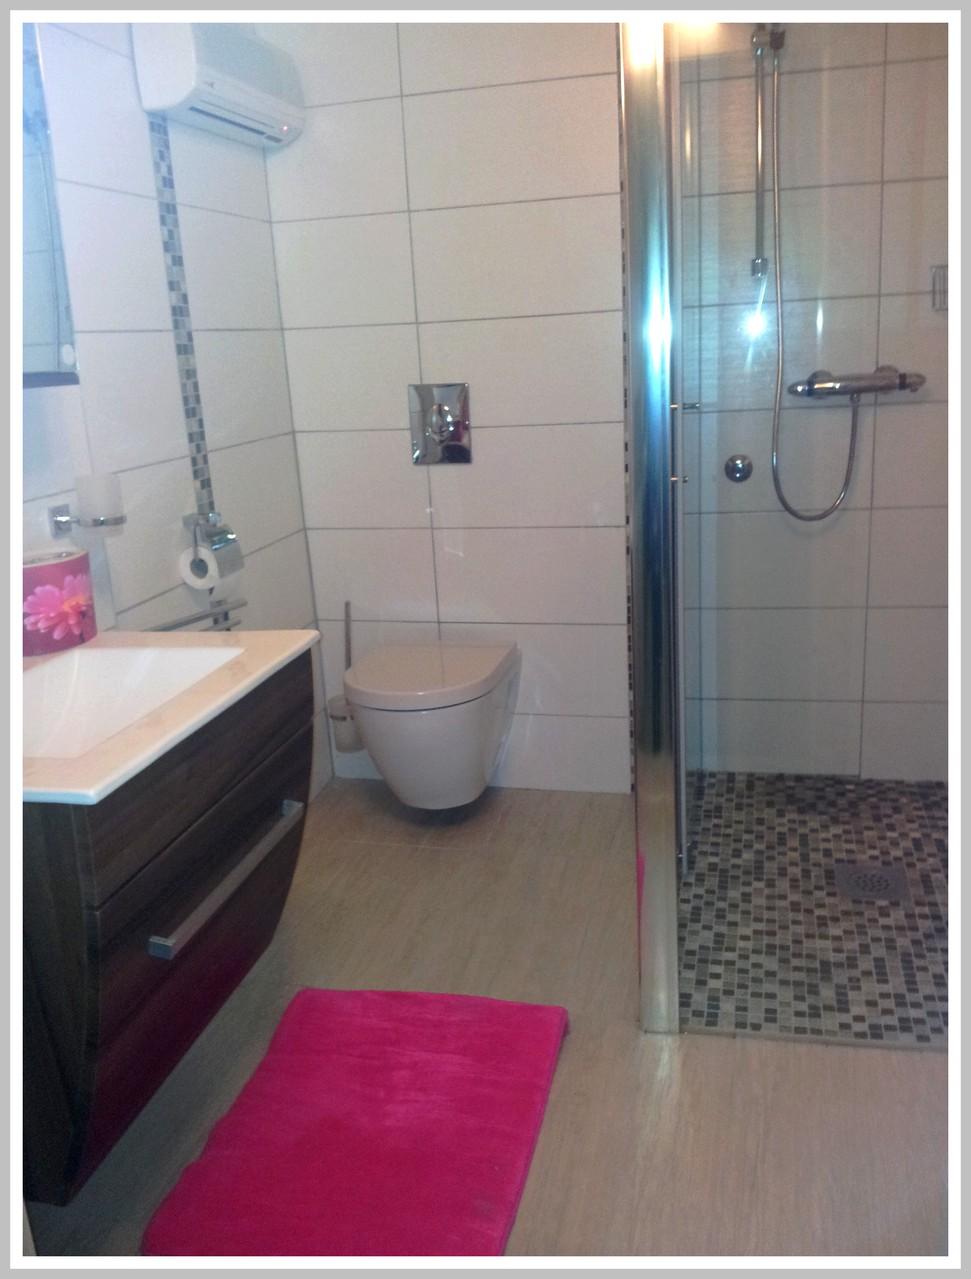 Votre  salle de bains  toute neuve avec cabine de douche